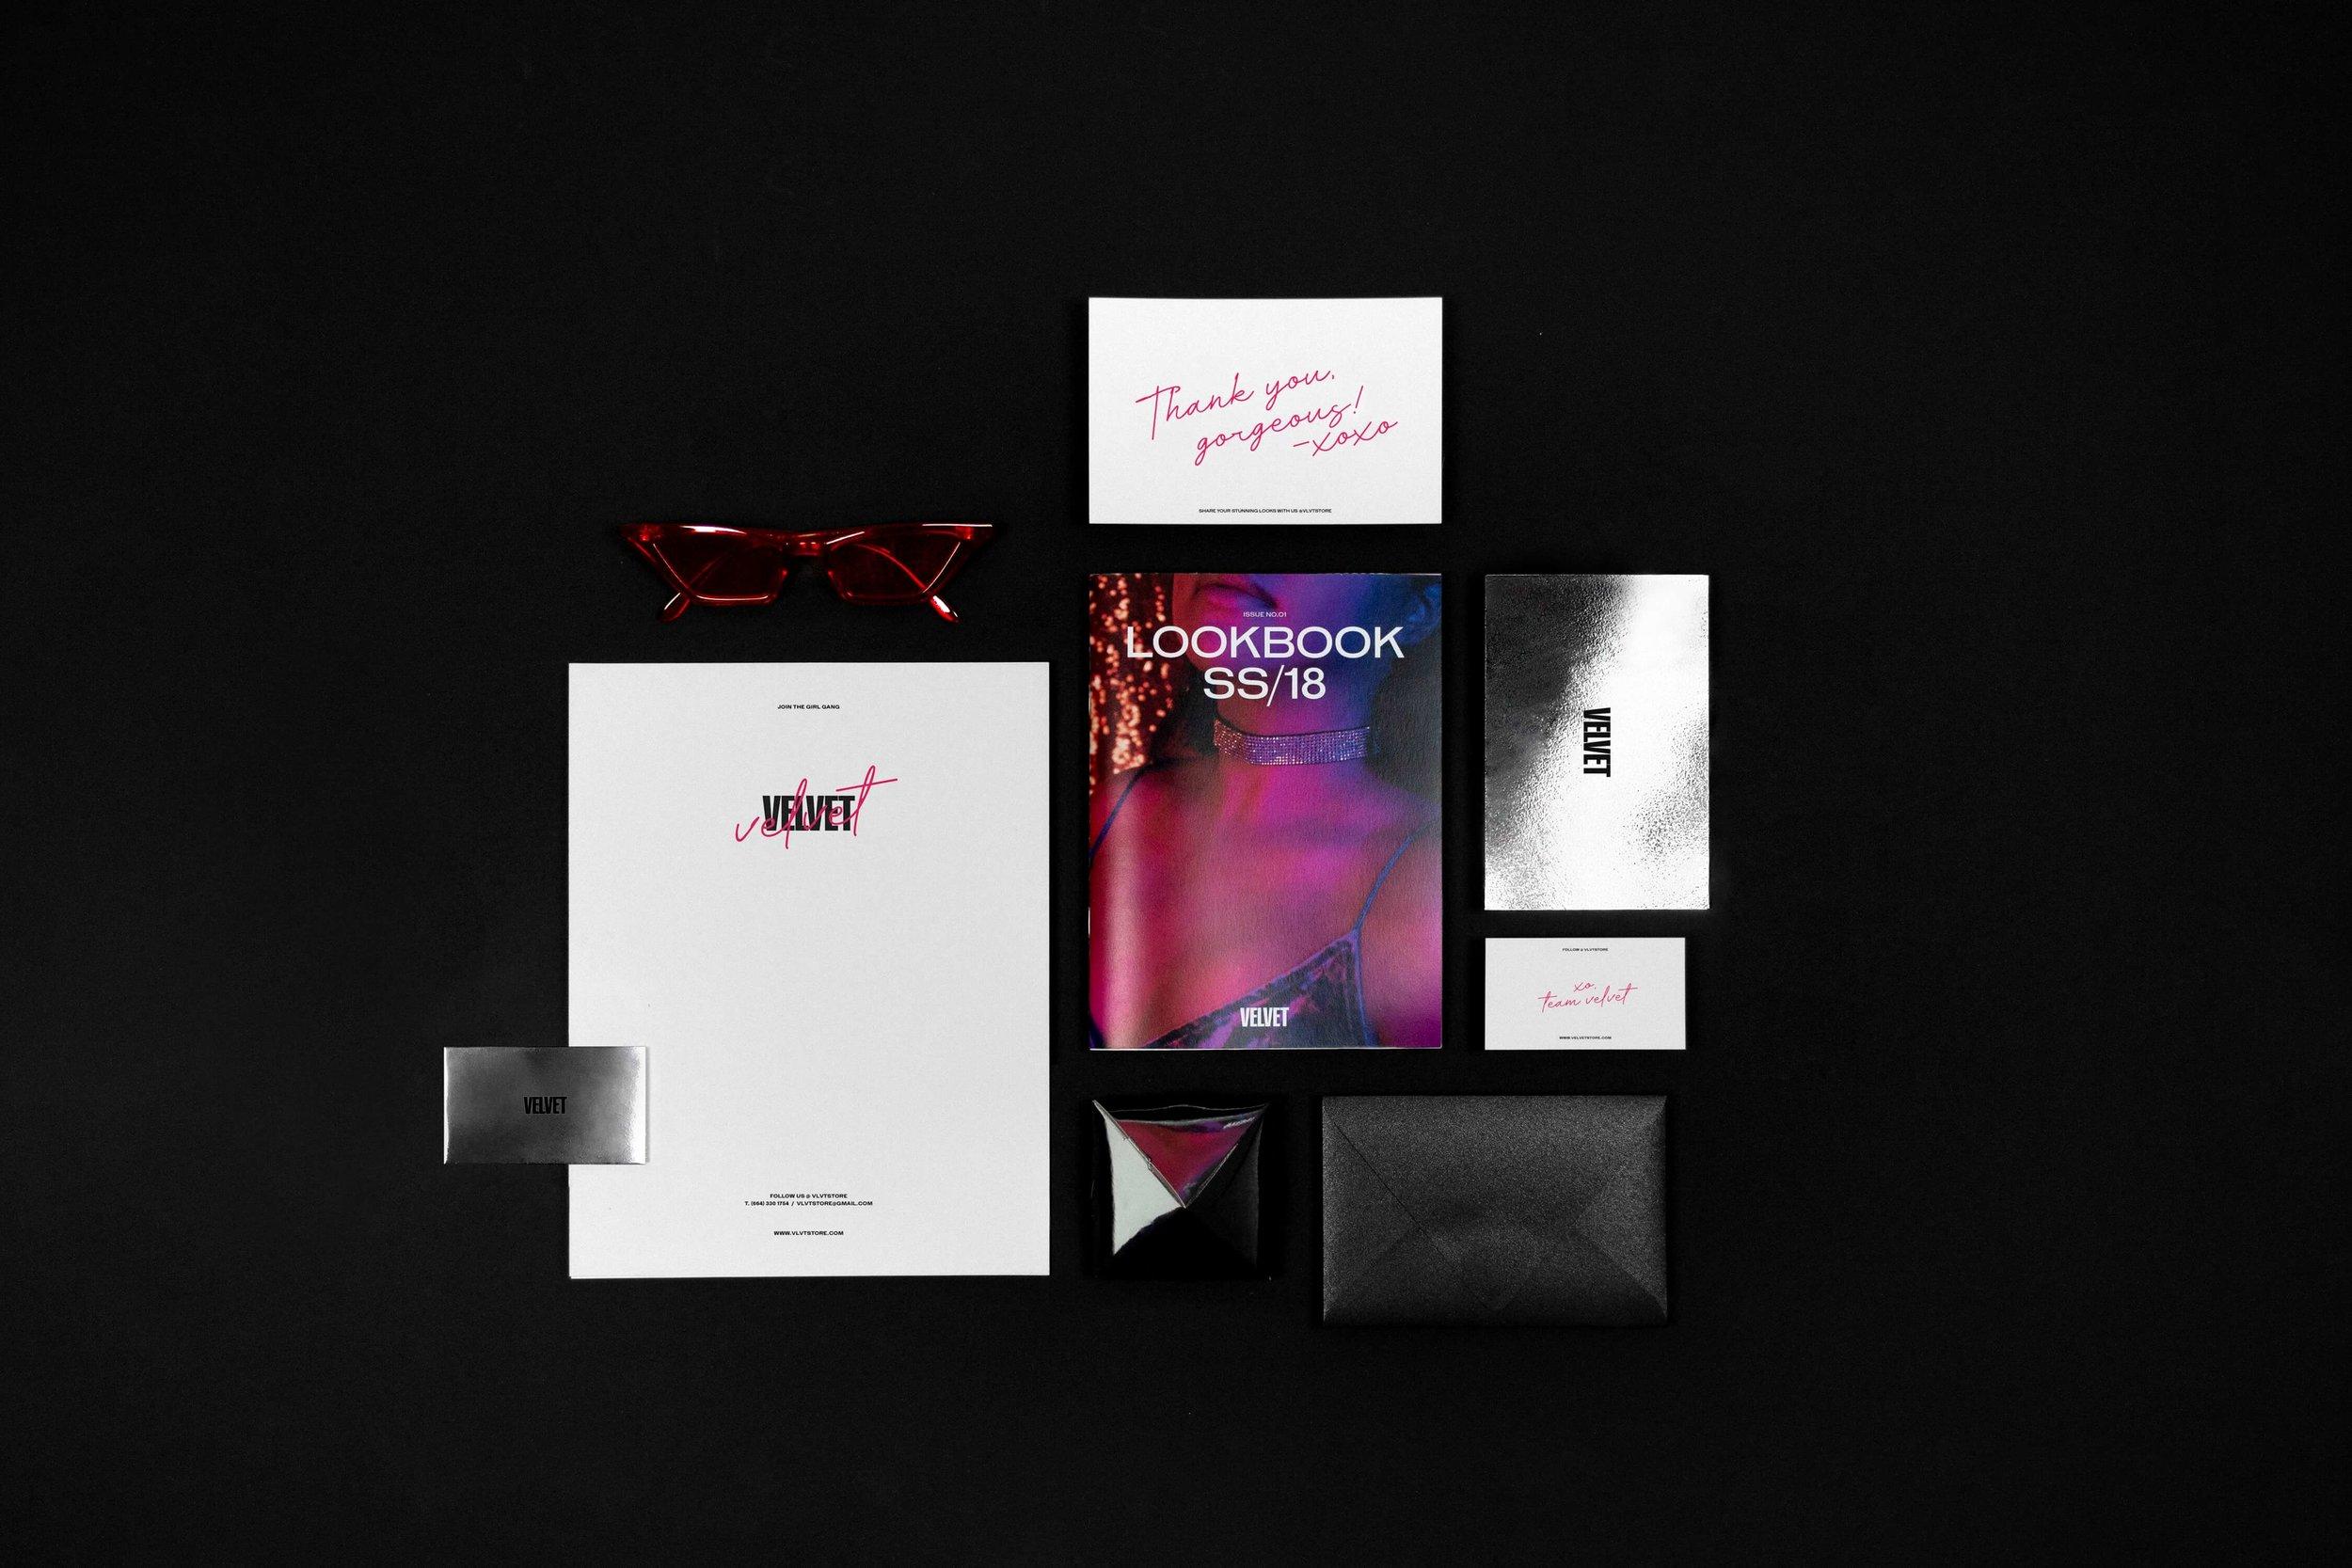 logo-design-branding-san-diego-vortic-velvet-11-2